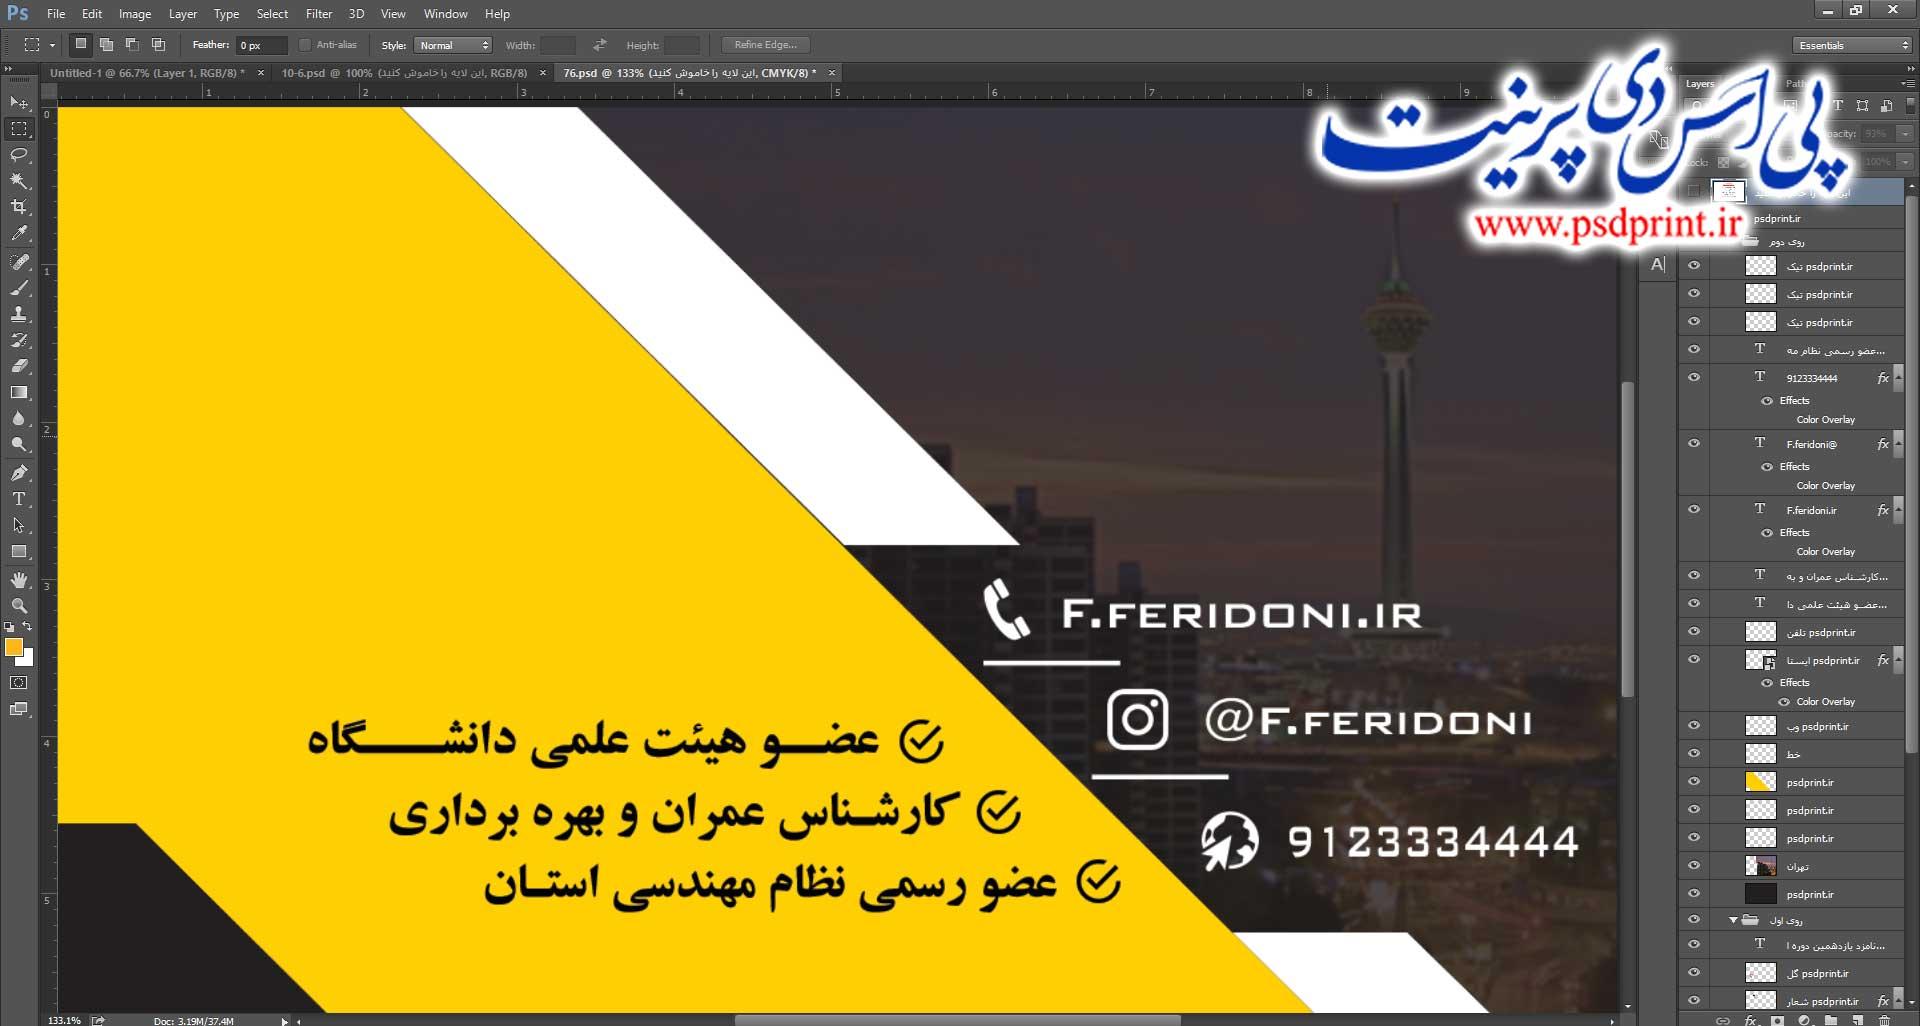 نمونه کارت ویزیت انتخابات مجلس